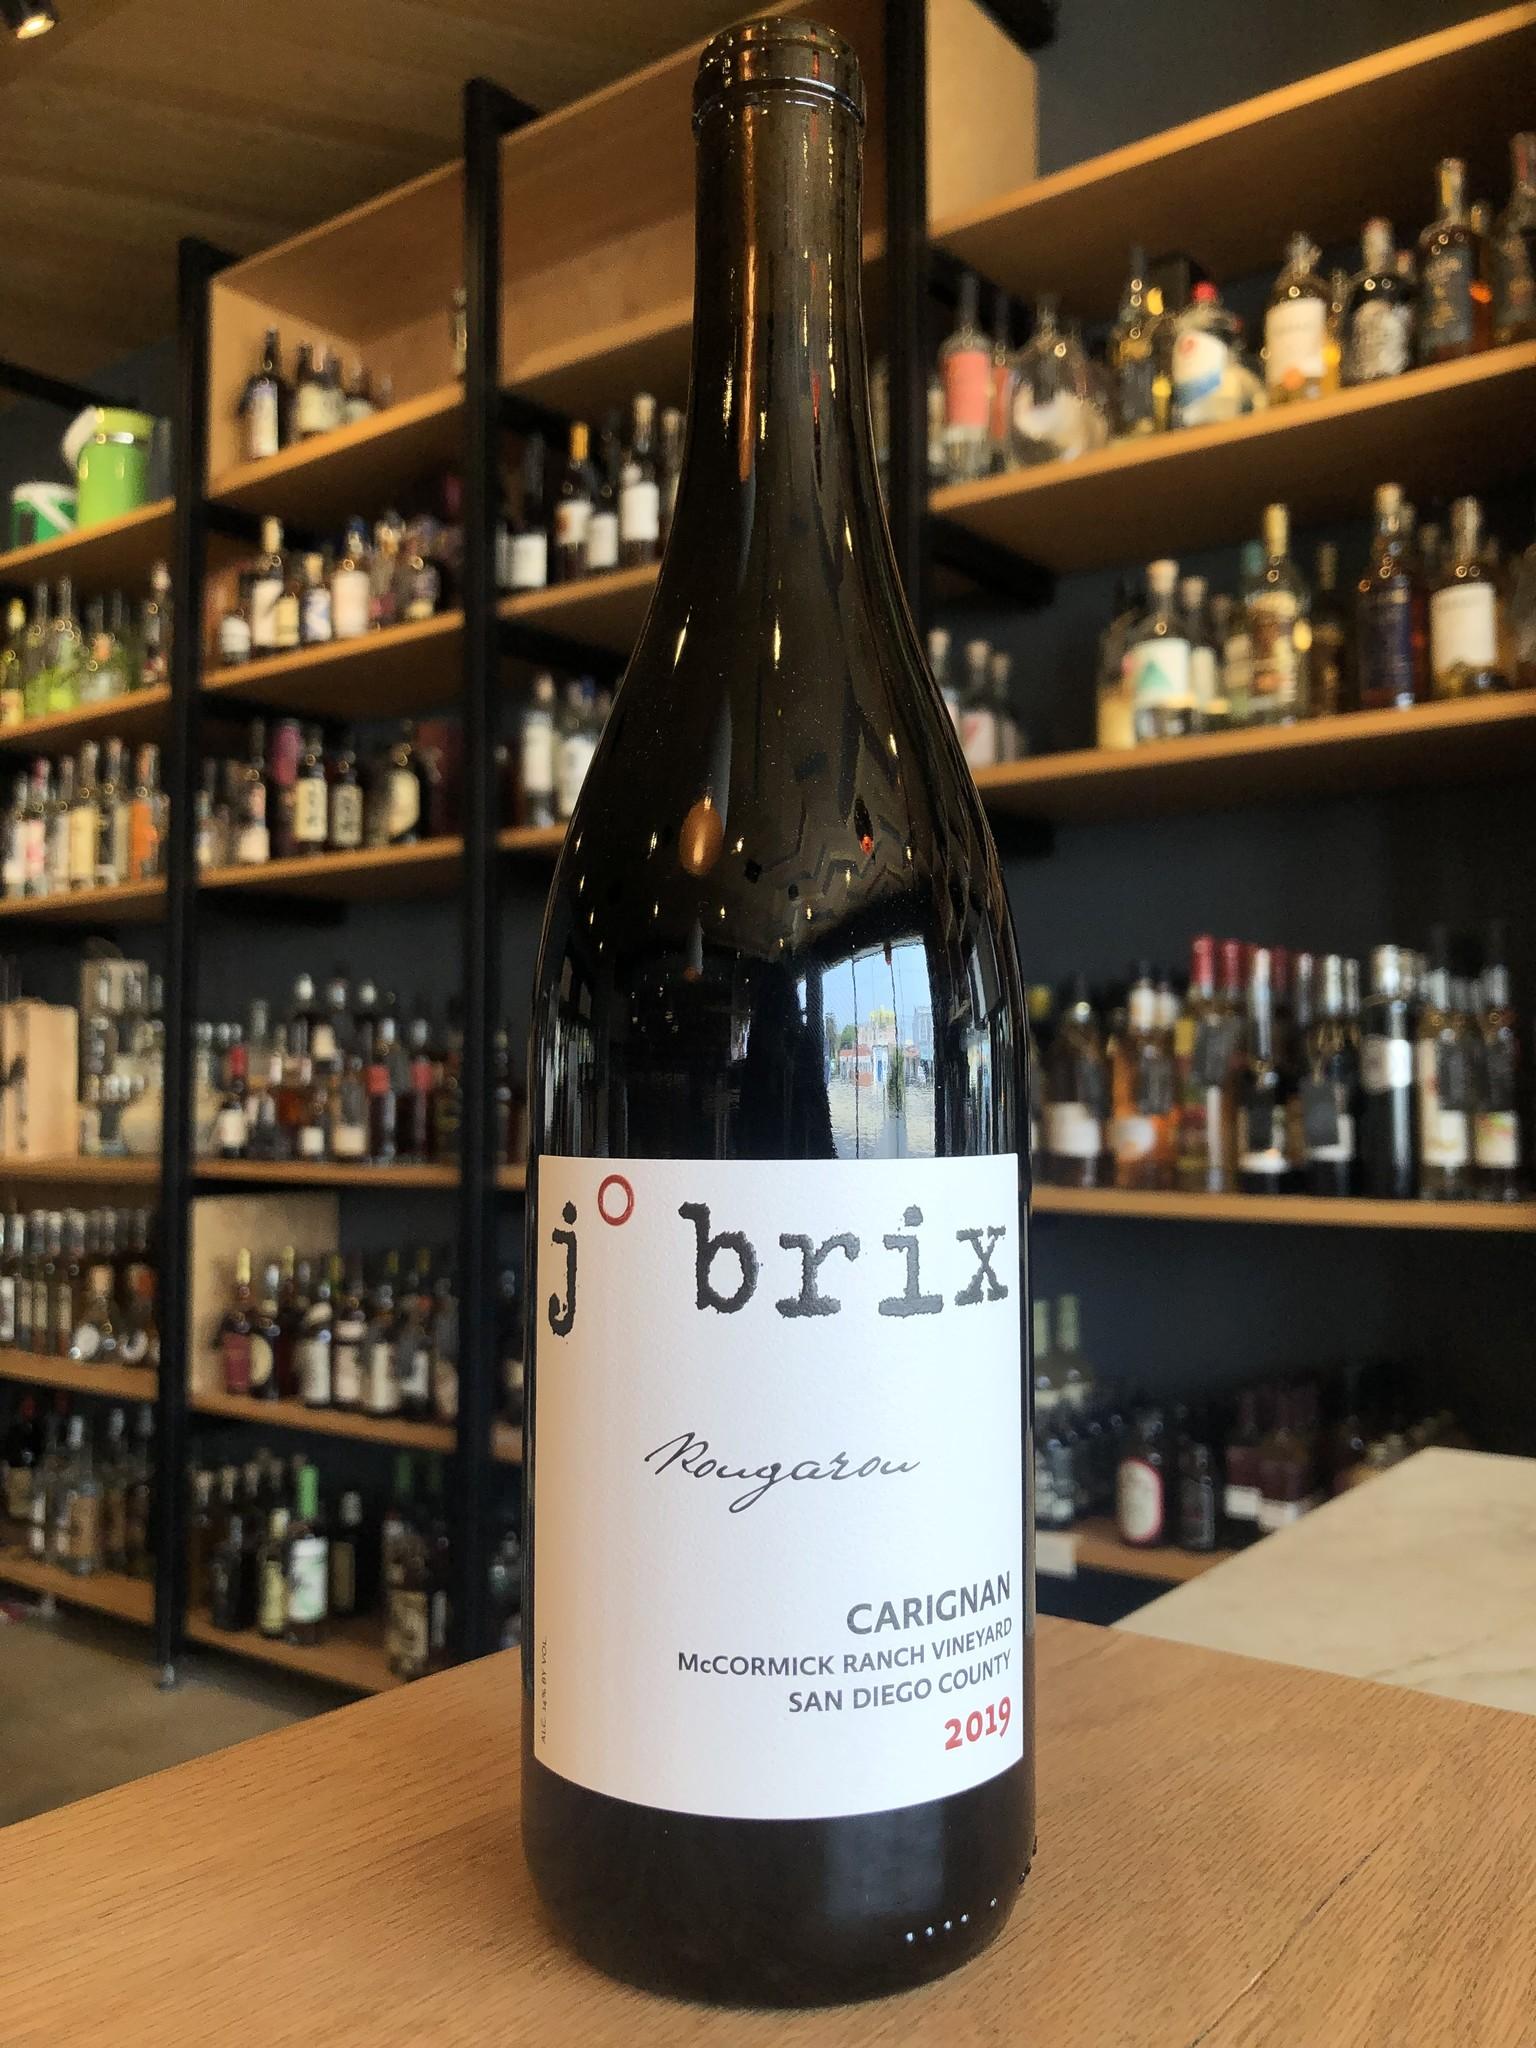 J. Brix 2019 J. Brix Carignan 750ml